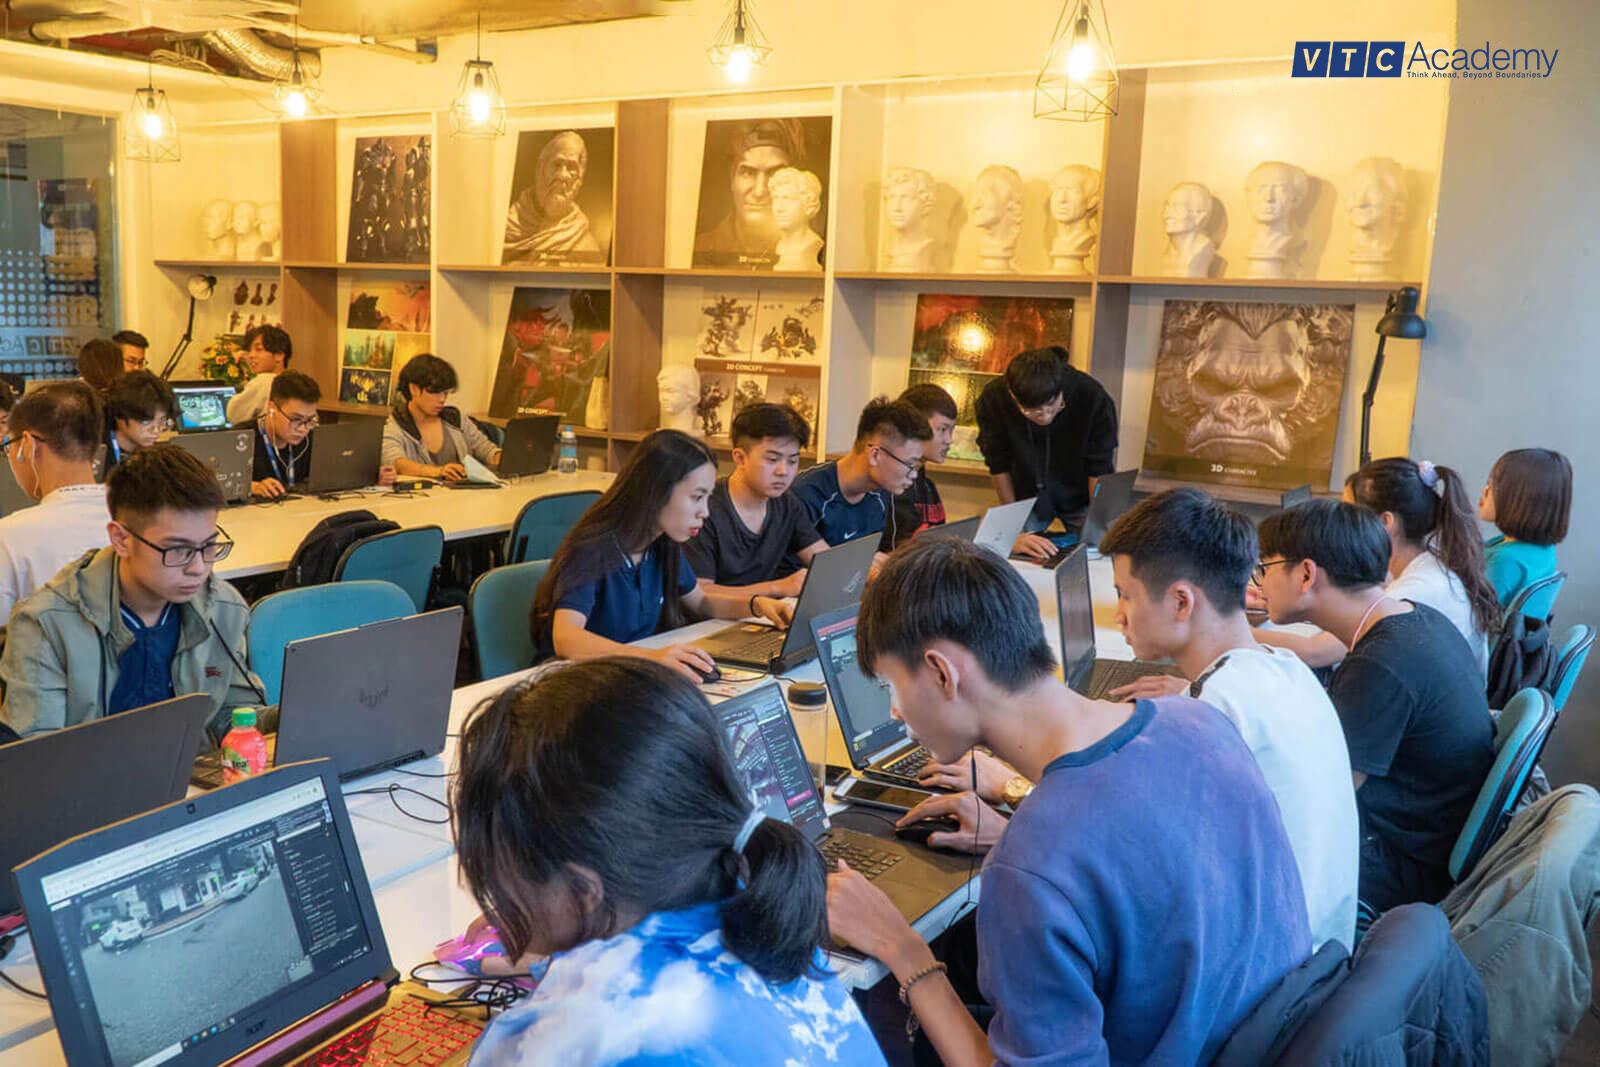 Học viên VTC Academy thực hành cùng dự án Xử lý hình ảnh ứng dụng AI